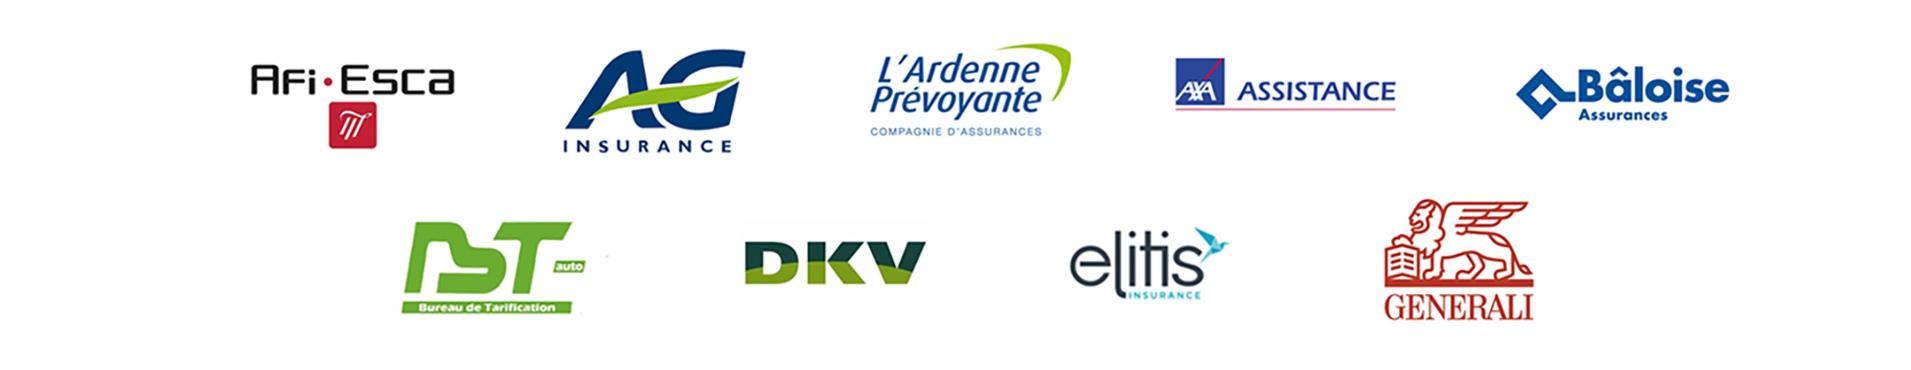 partenaires assurance 2